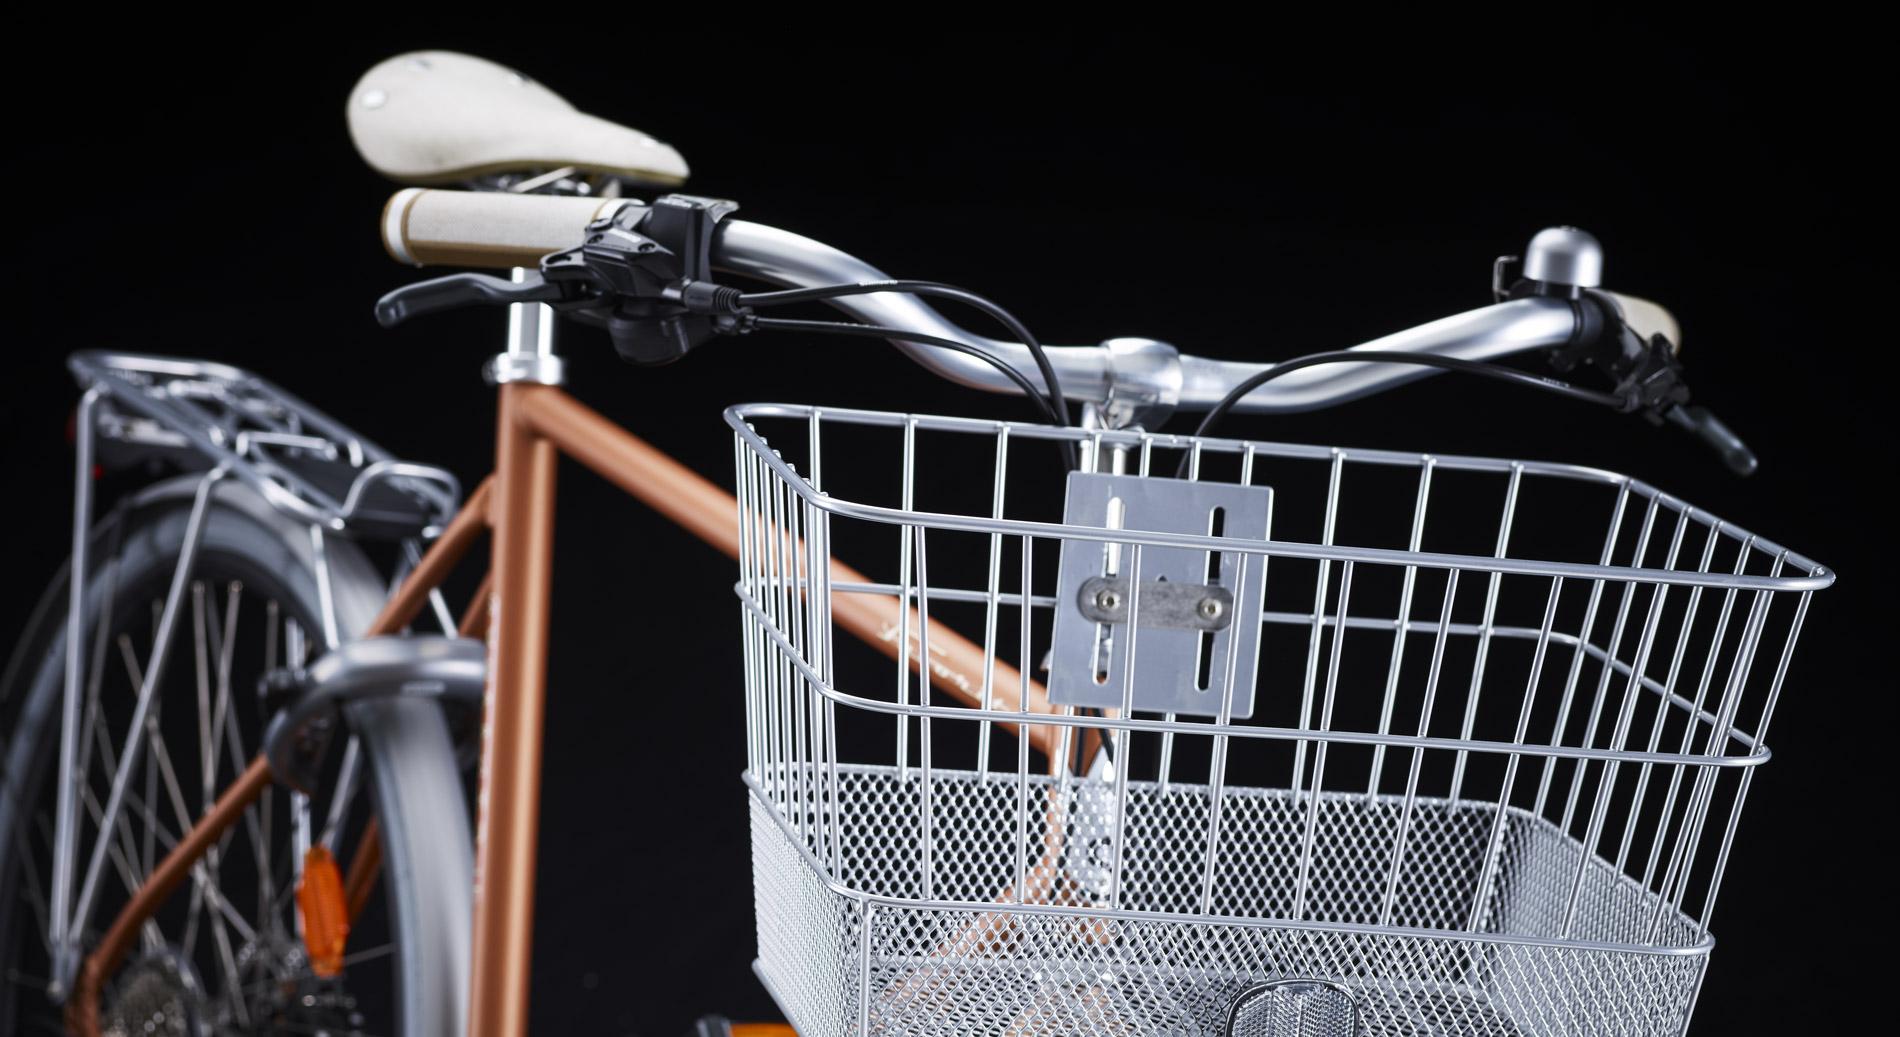 Nyckeln till cyklarna